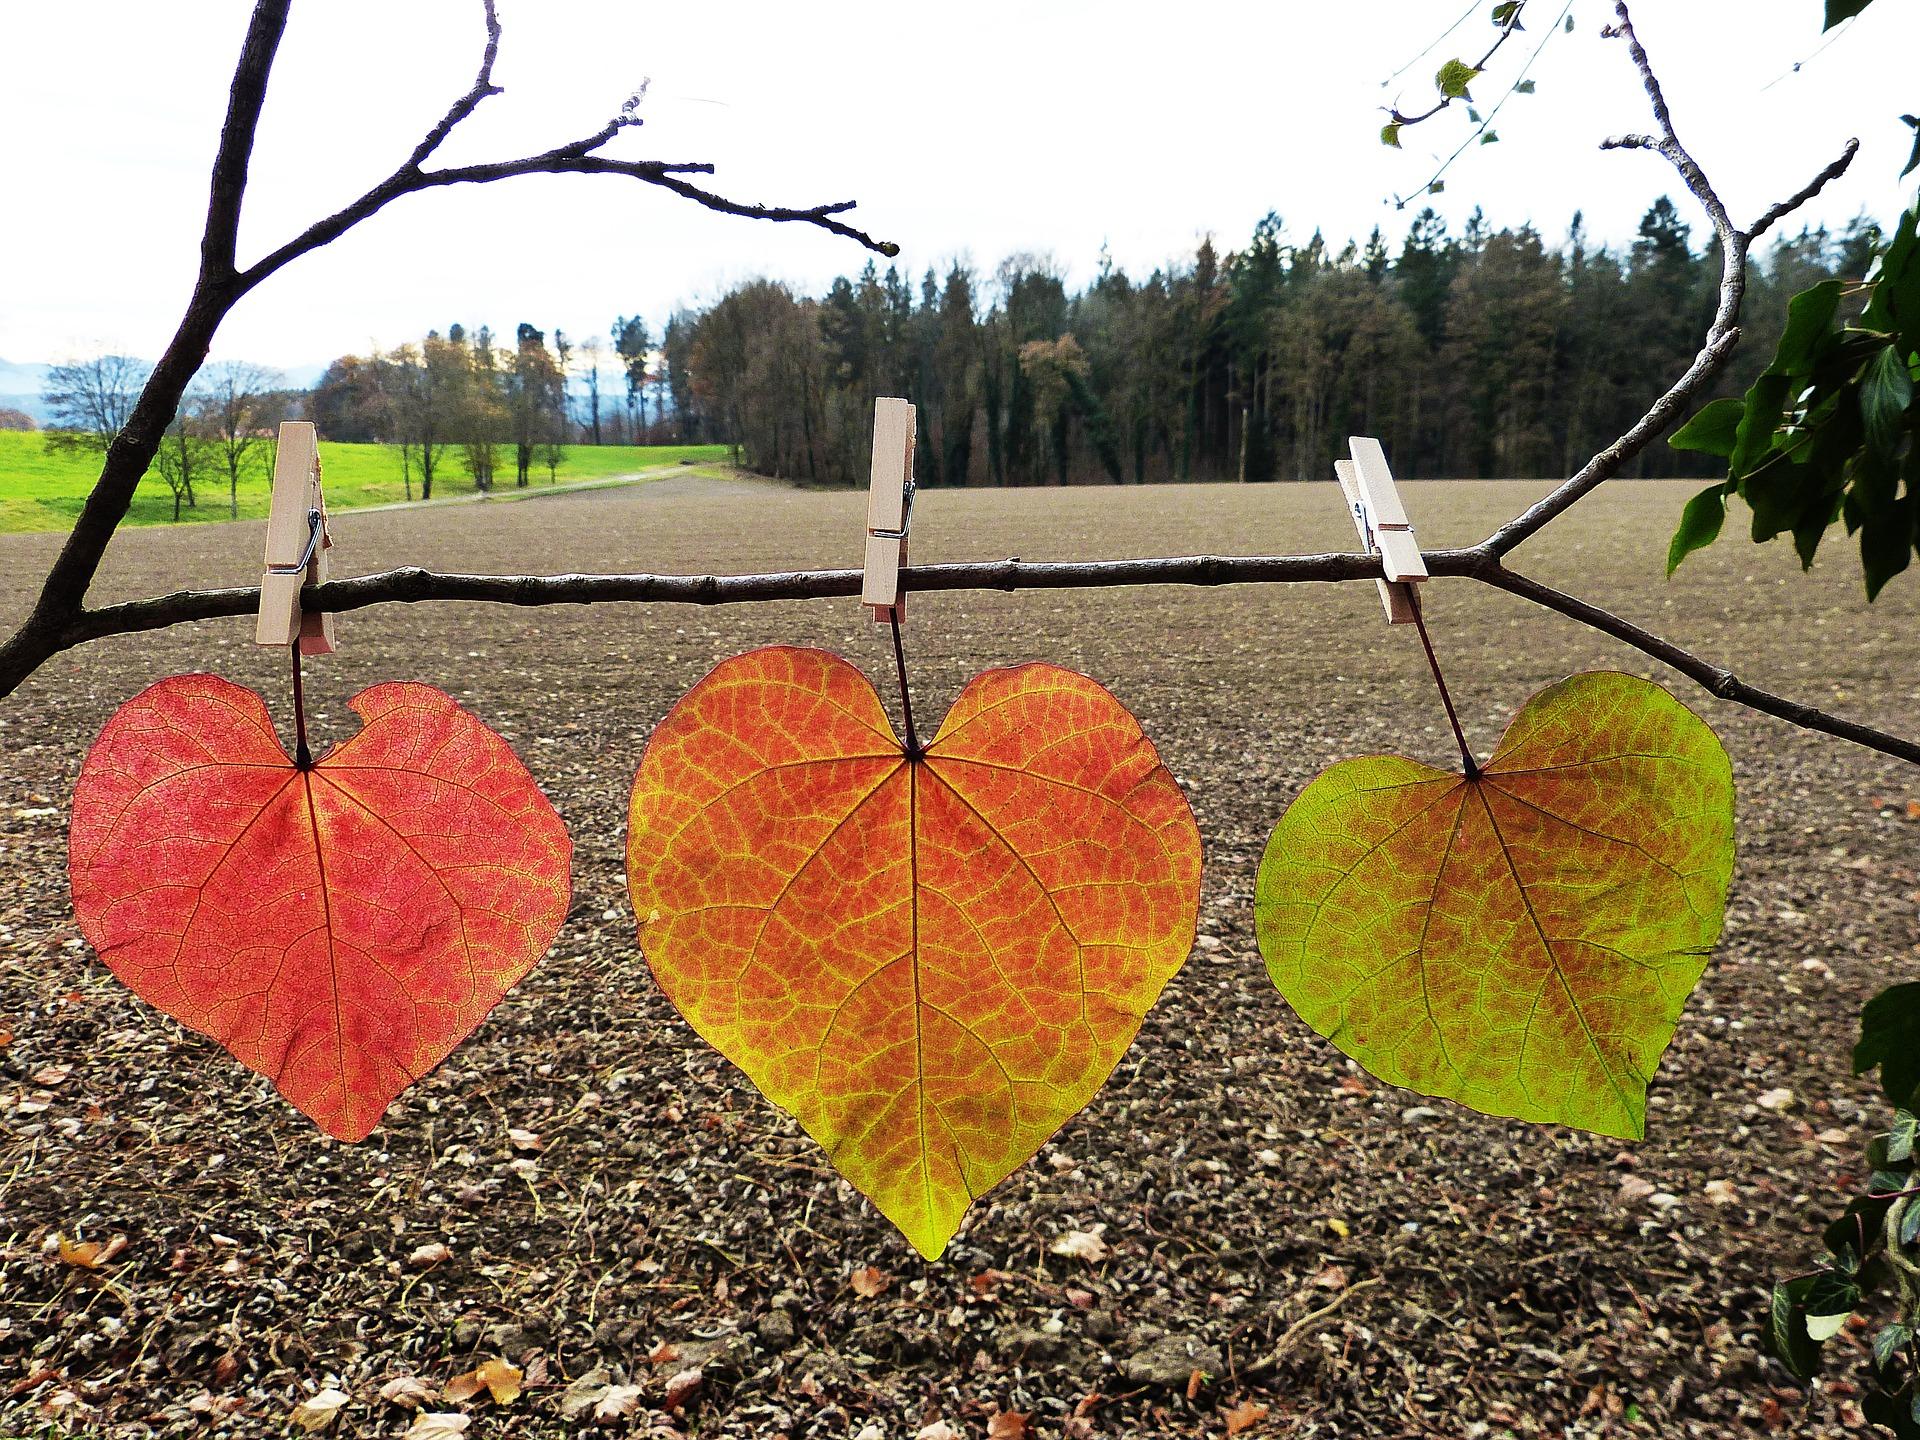 leaves-1849833_1920.jpg